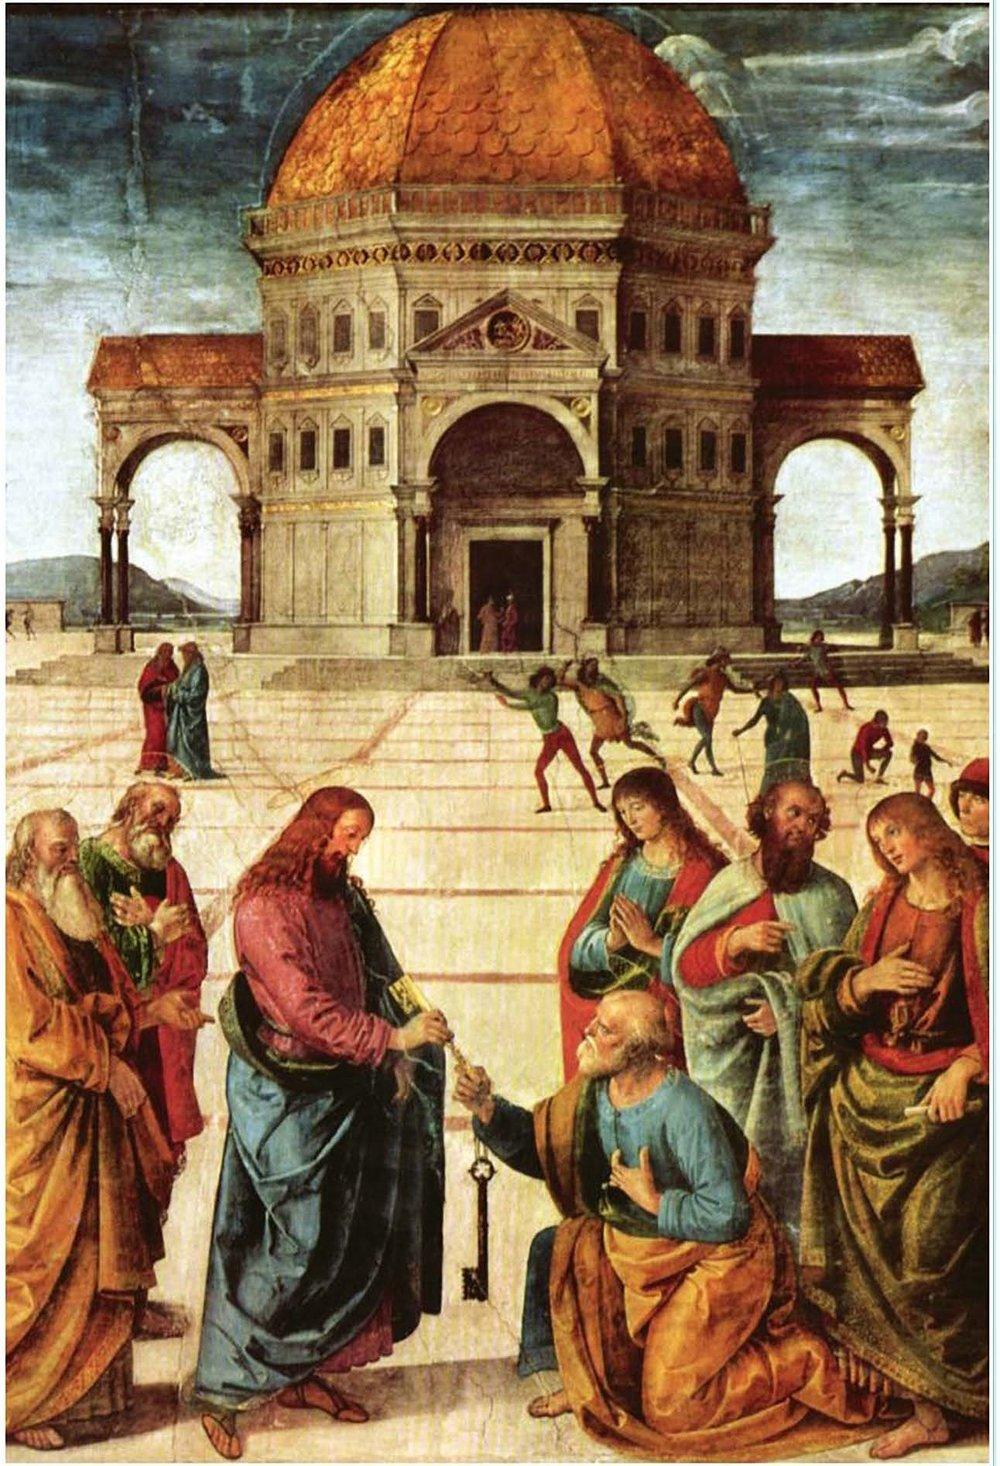 Pietro Yannucci Perugino - 1481-82, Sistine Chapel